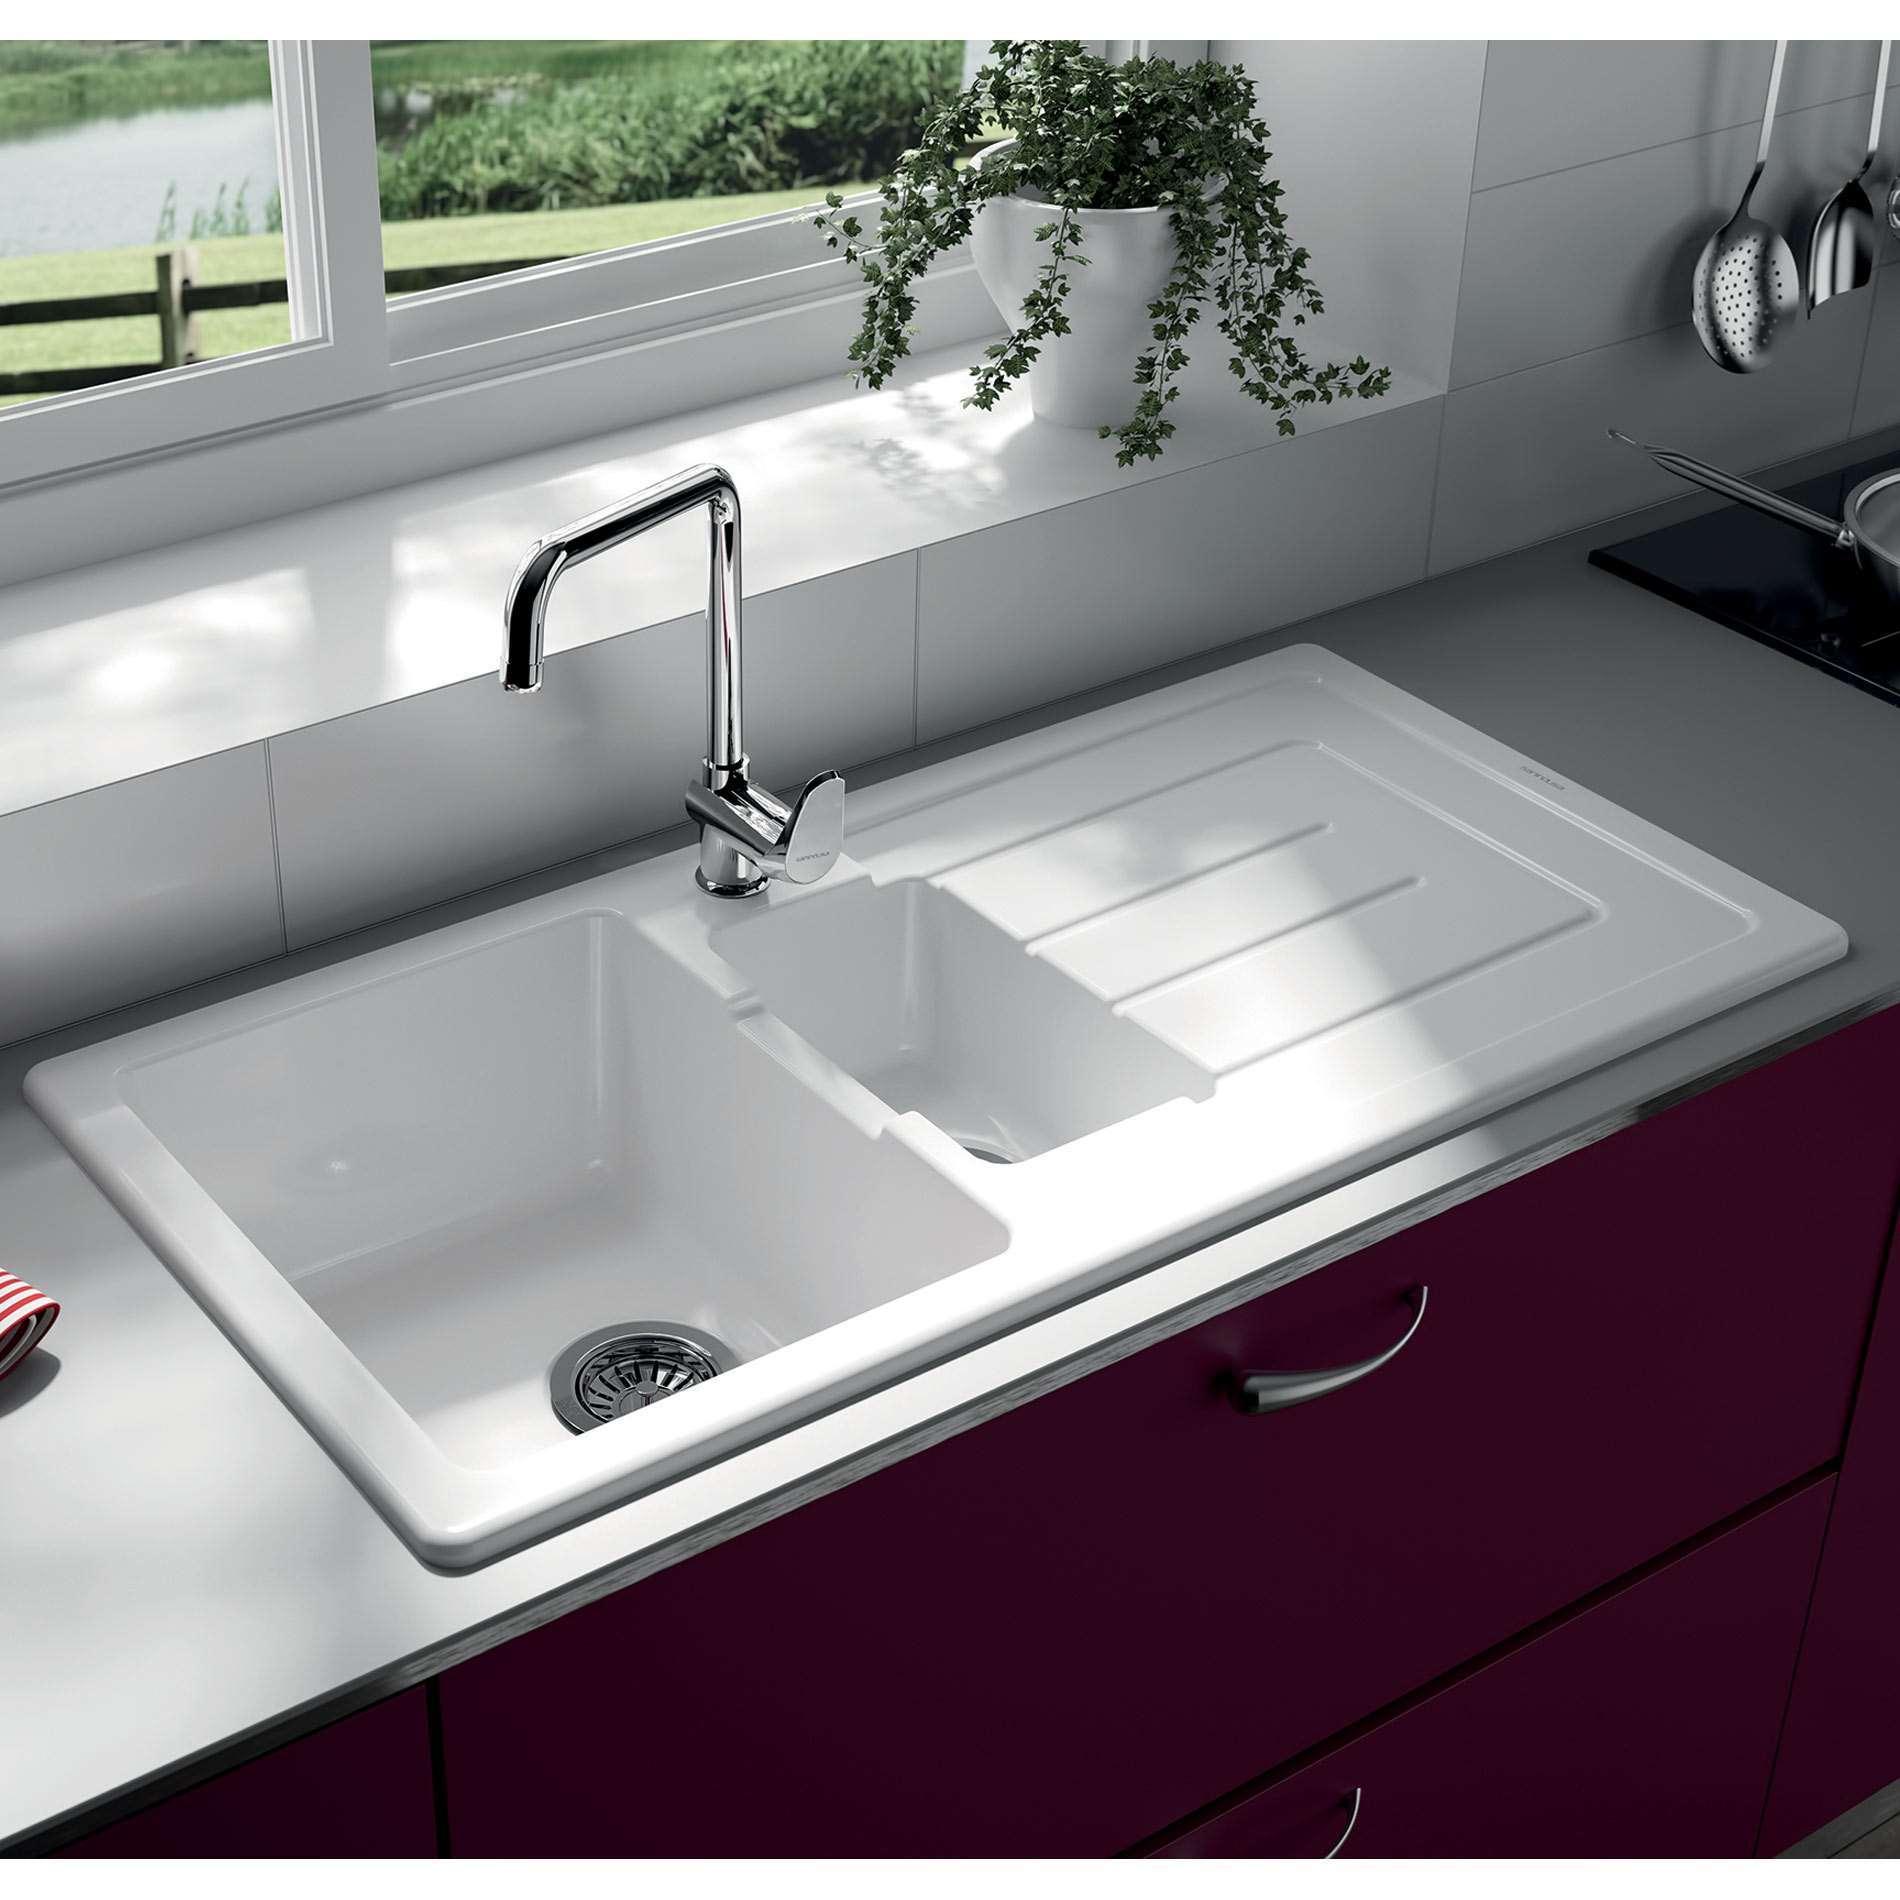 Thomas Denby Jarla 1 5 Bowl Ceramic Sink Kitchen Sinks Taps